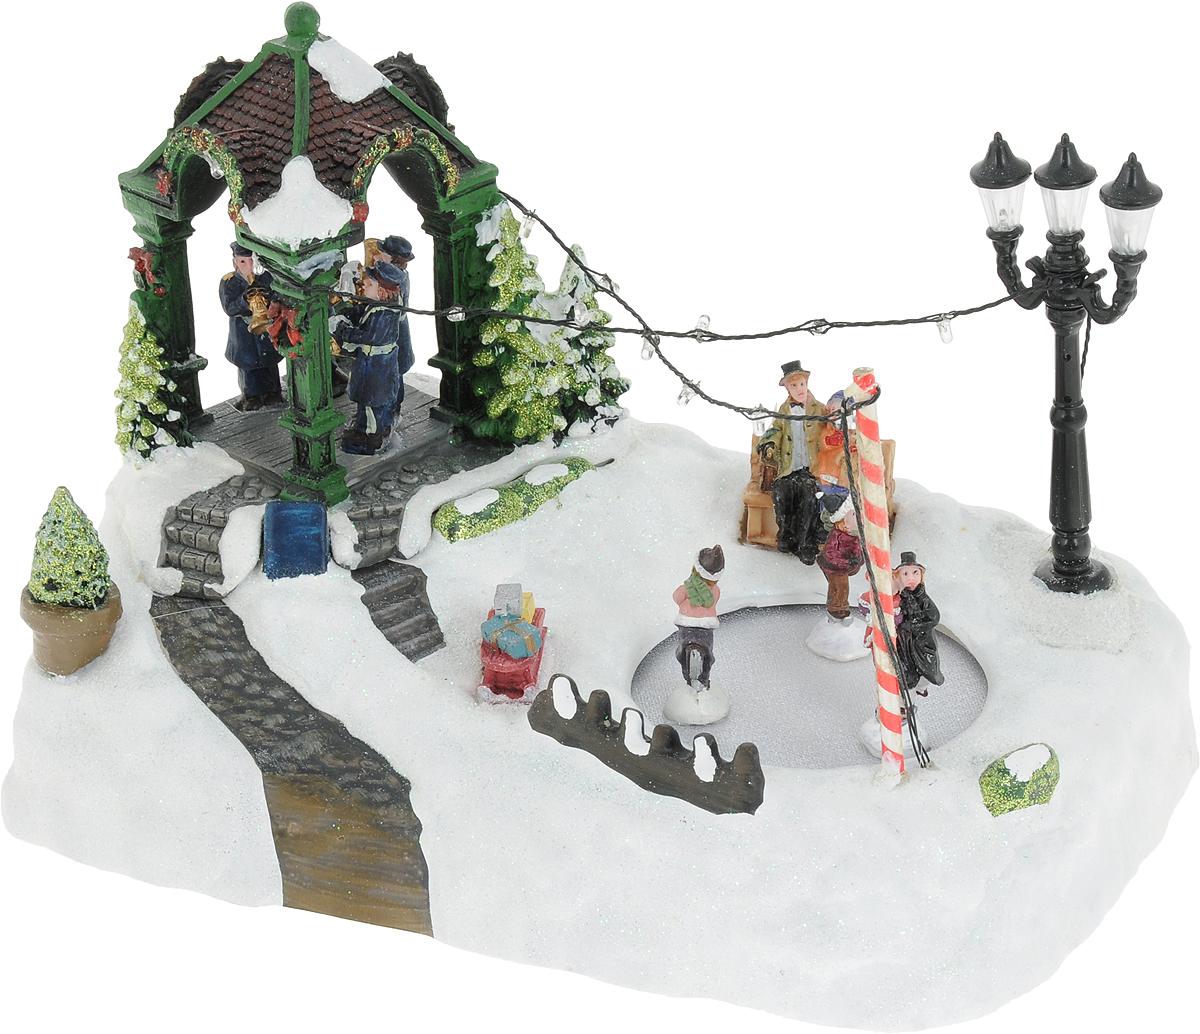 B&H Праздничный концерт в деревне-светомузыкальная композиция